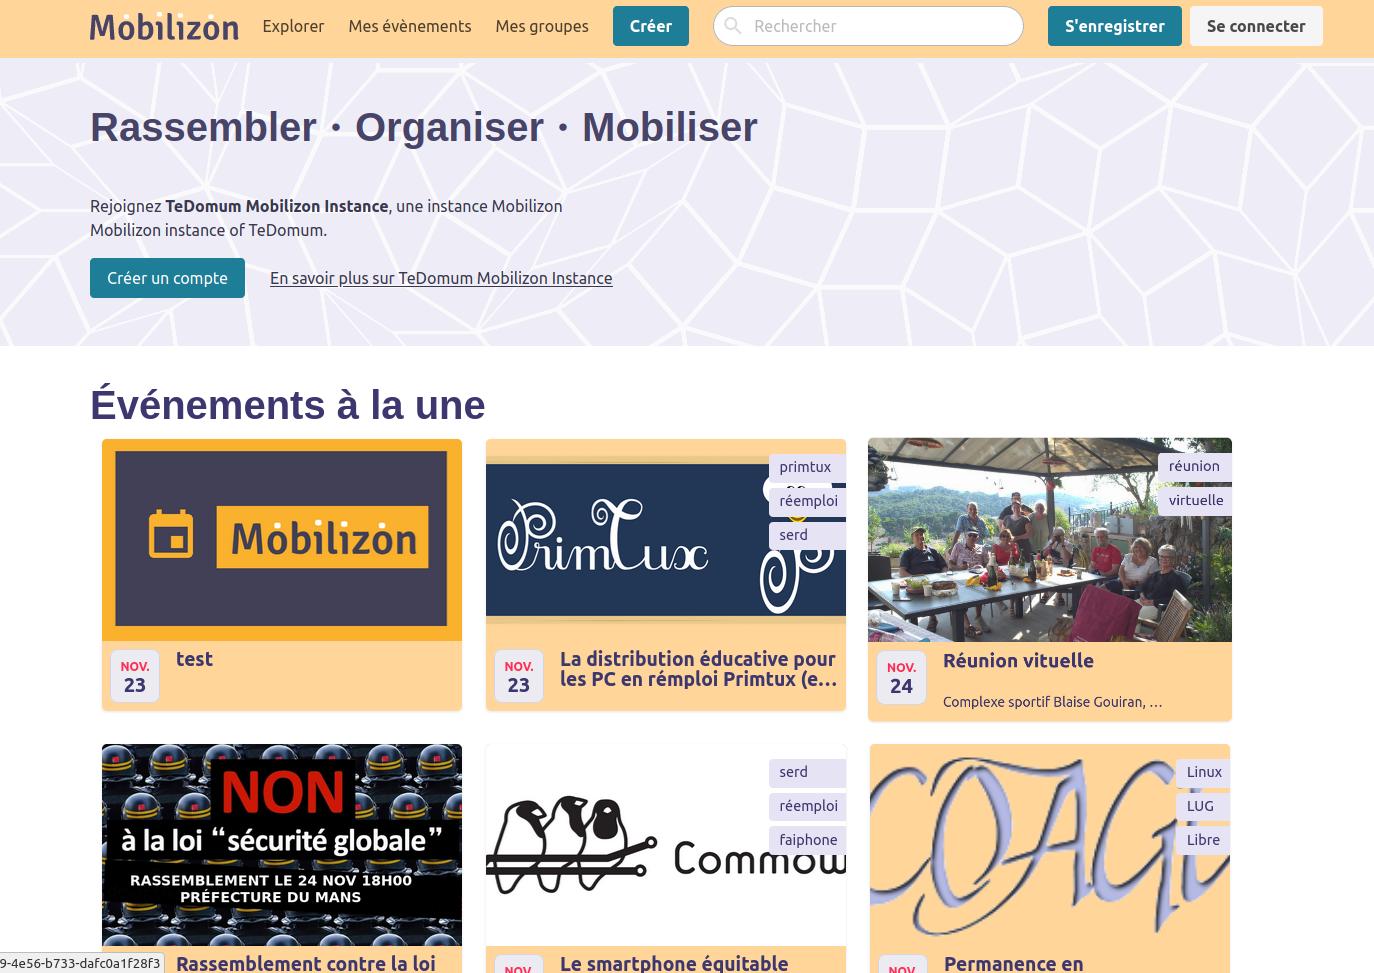 content/service/mobilizon/images/1.png